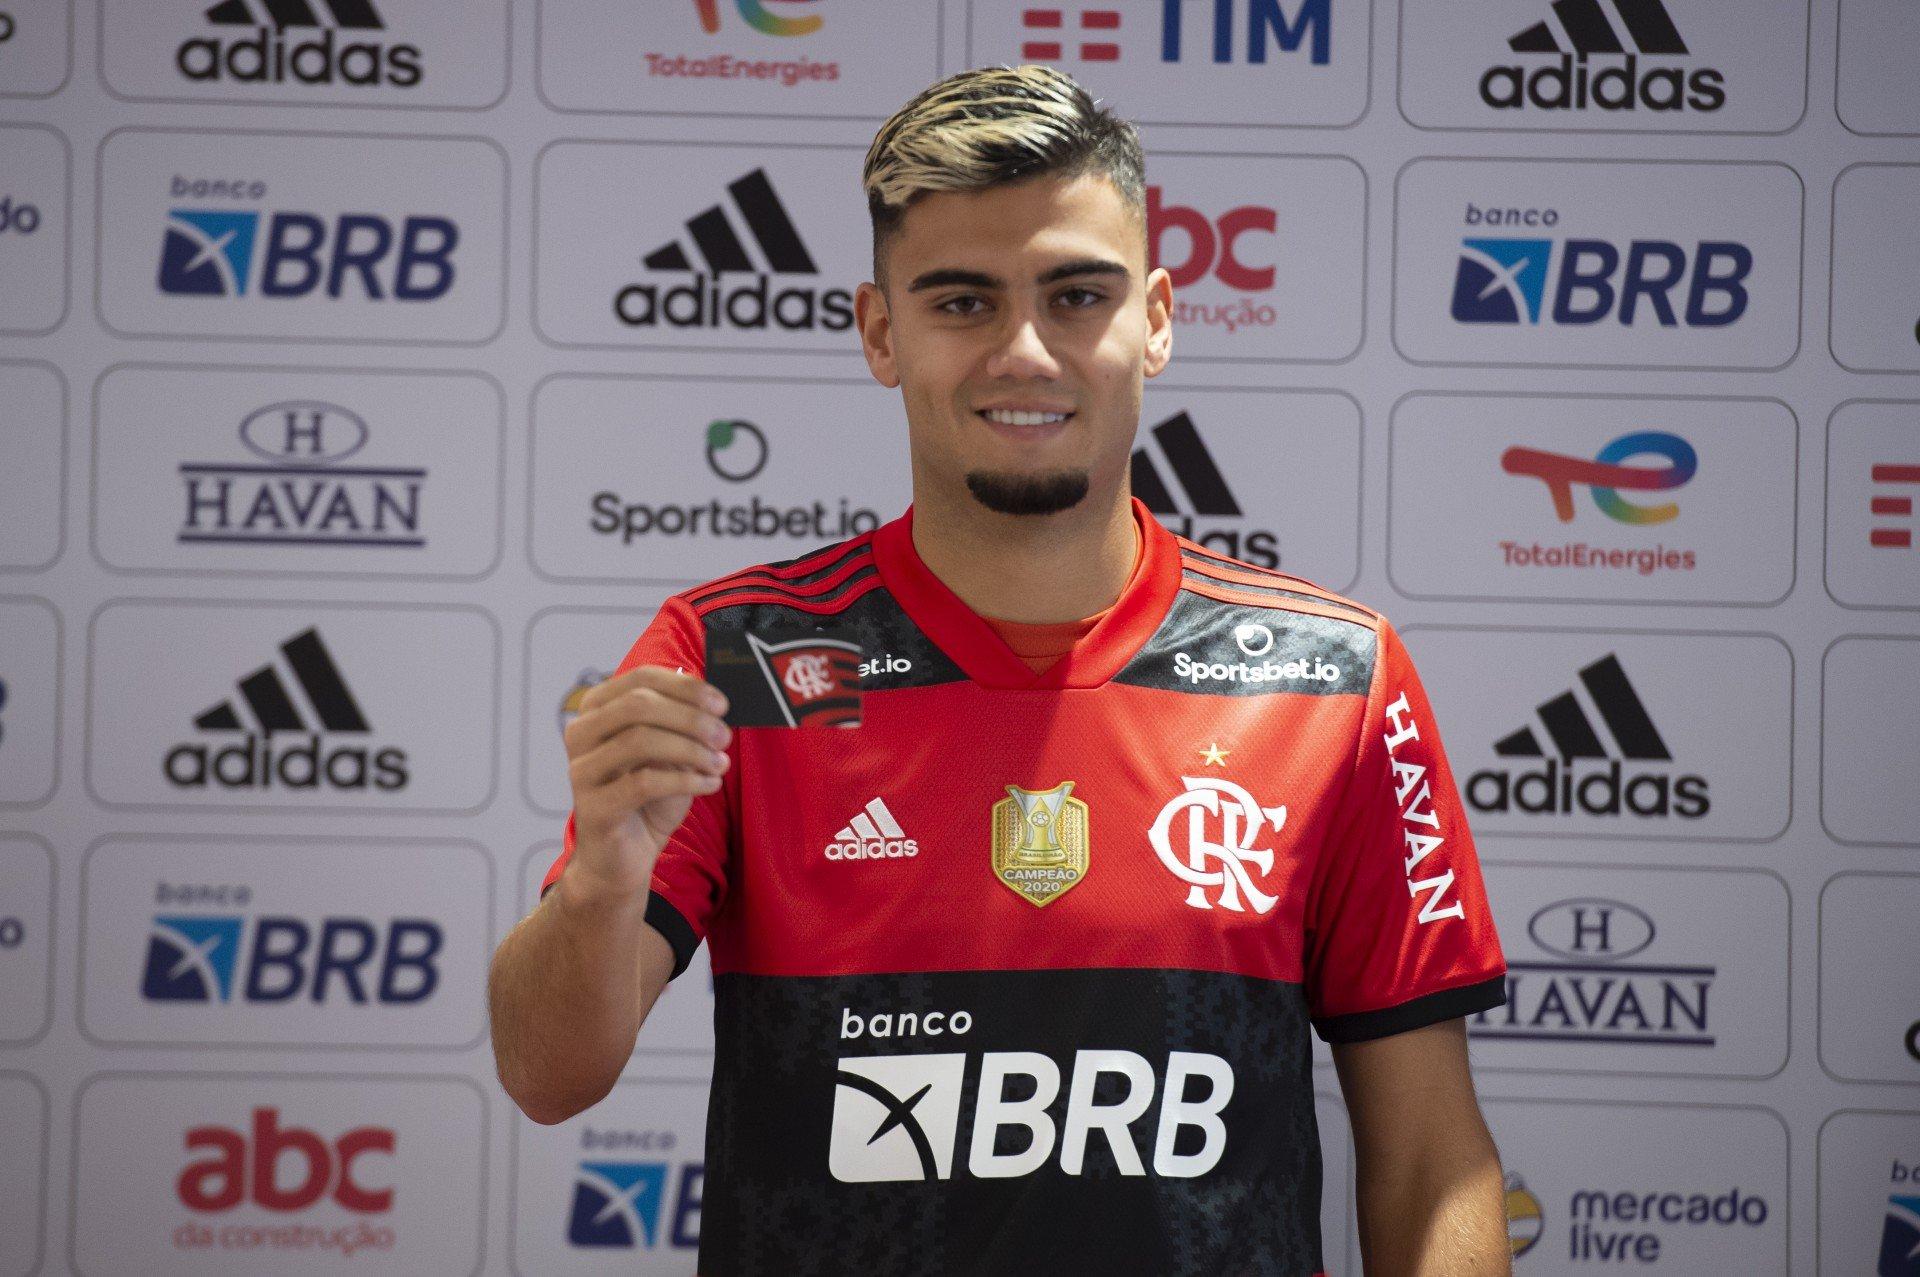 Anvisa quer punição a Andreas Pereira, do Flamengo, por não cumprimento das regras de quarentena